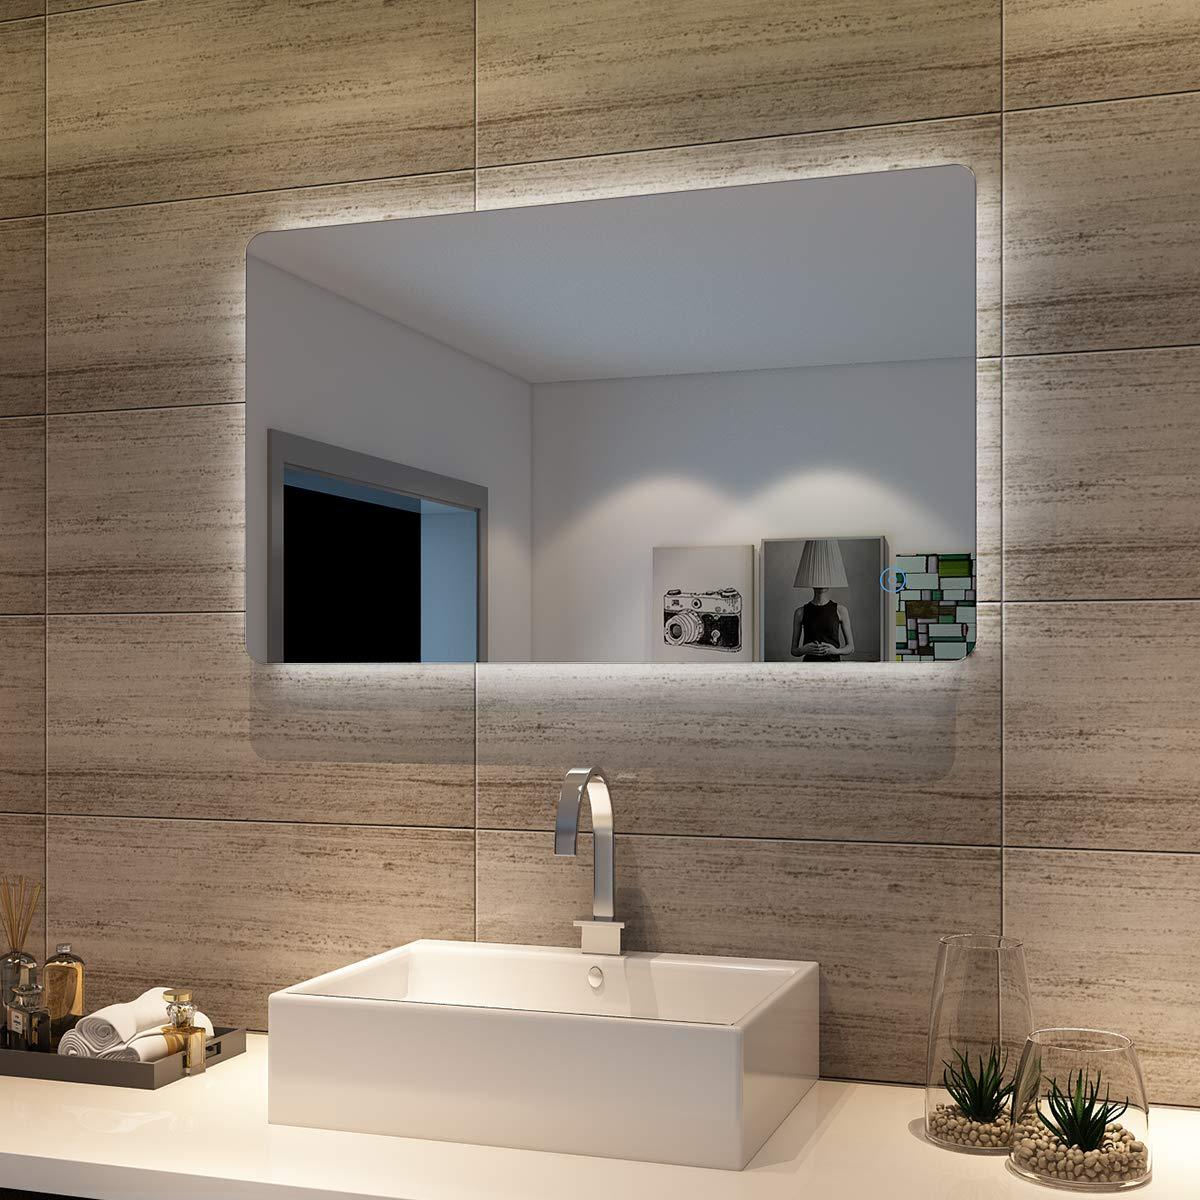 Badspiegel Lichtspiegel LED Spiegel Wandspiegel mit Touch-Schalter 100 x 60cm kaltweiß IP44 energiesparend beschlagfrei